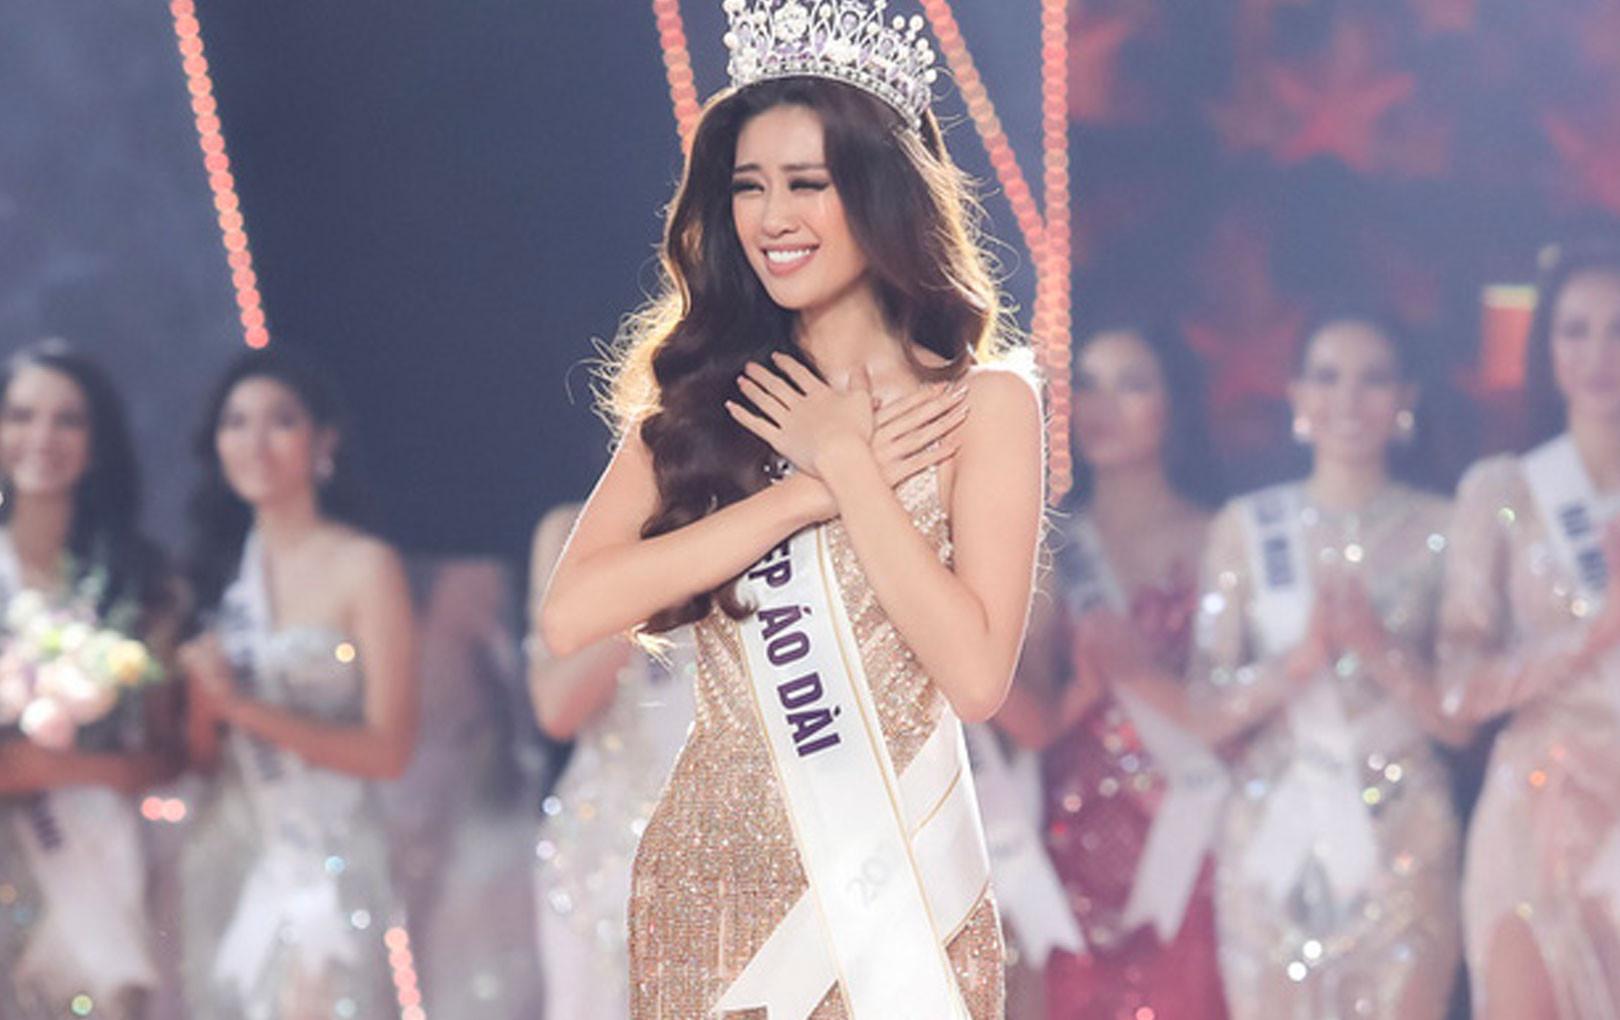 Tân Hoa hậu Hoàn vũ Khánh Vân vừa có những chia sẻ đầy cảm động sau khi đăng quang